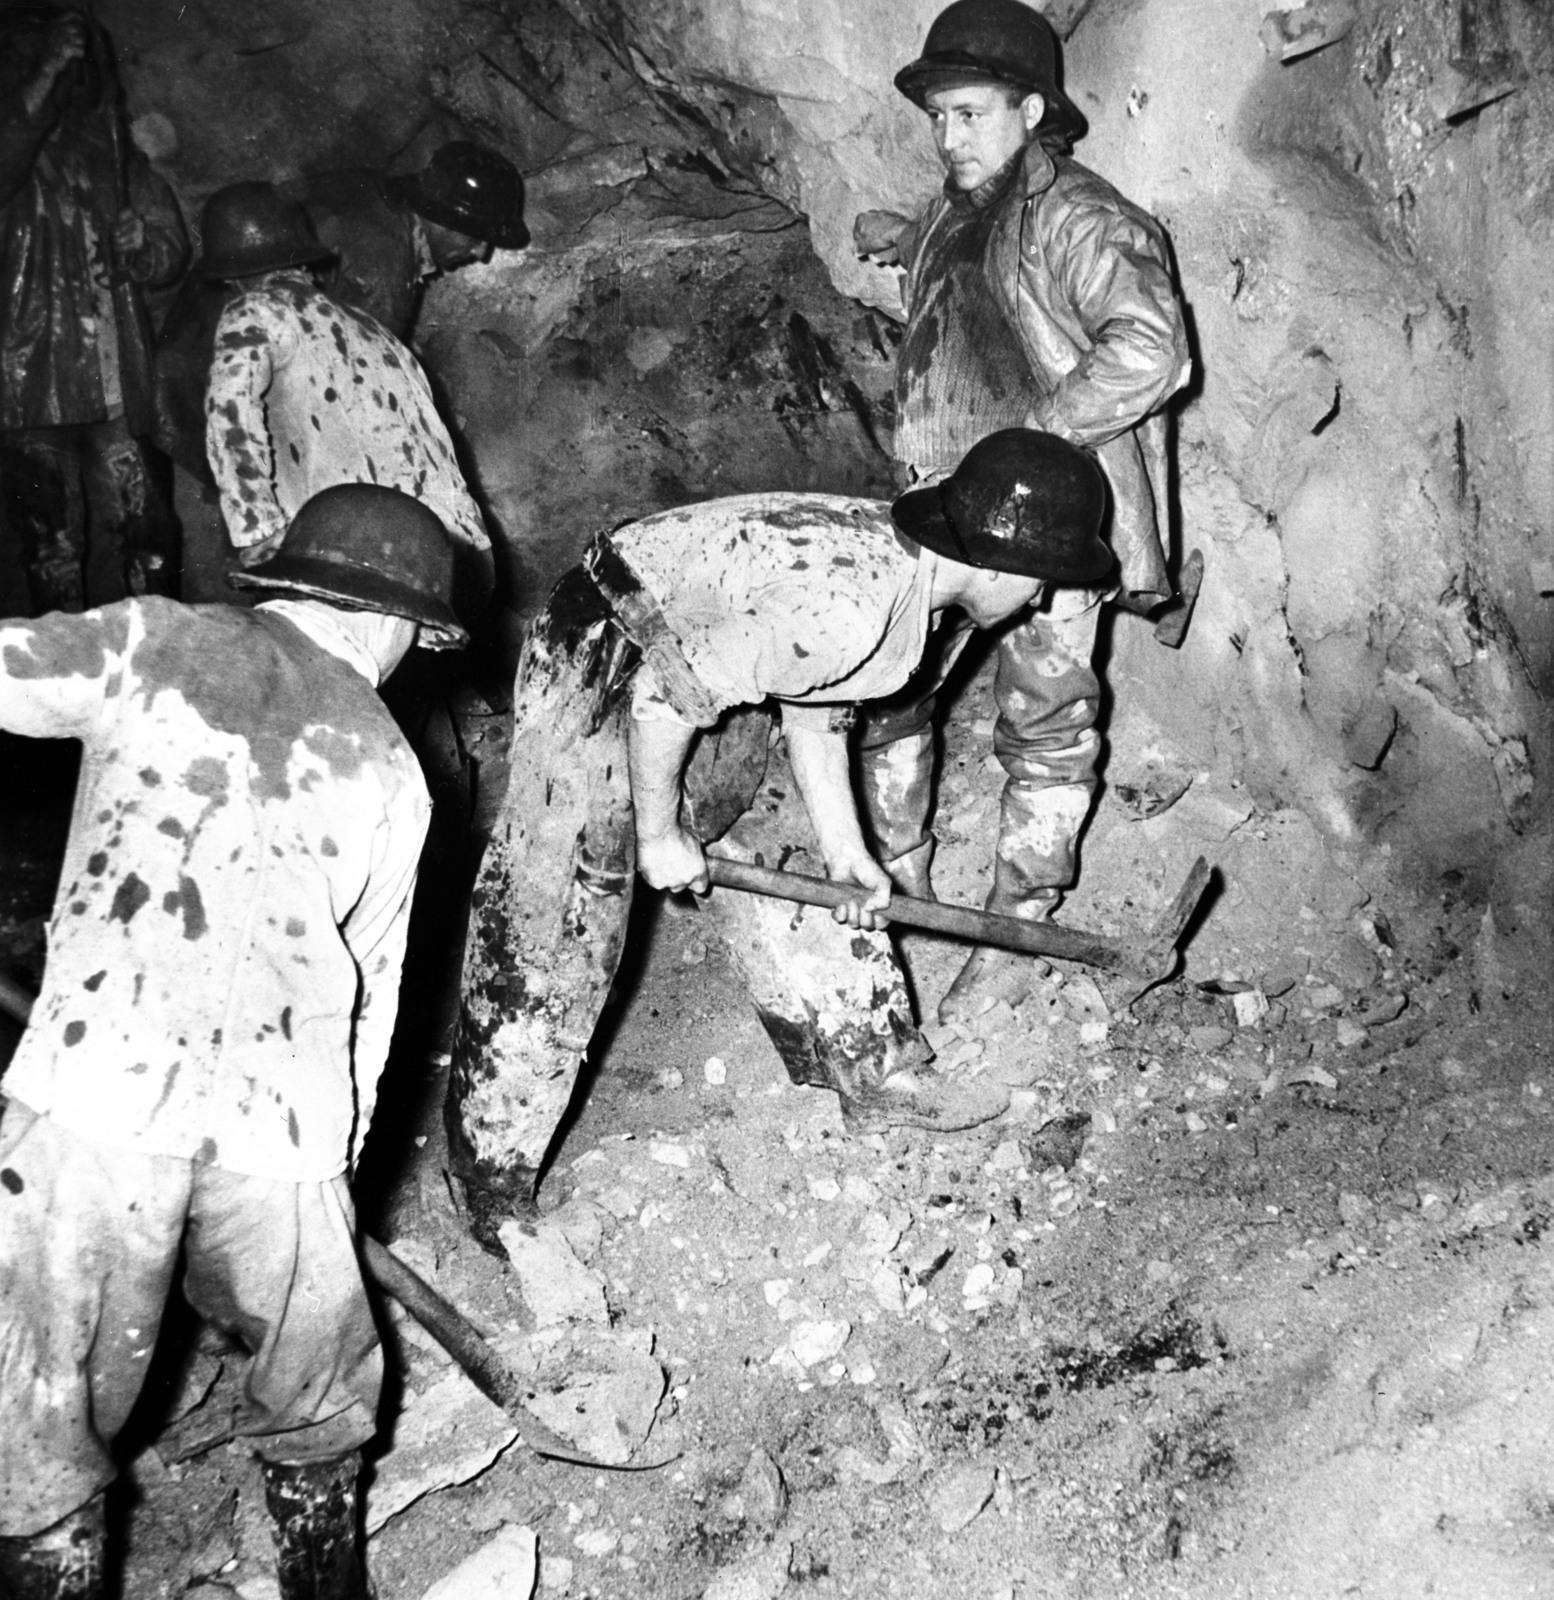 [Lorraine Coal Mining and Decazeville (Aquitaine)]